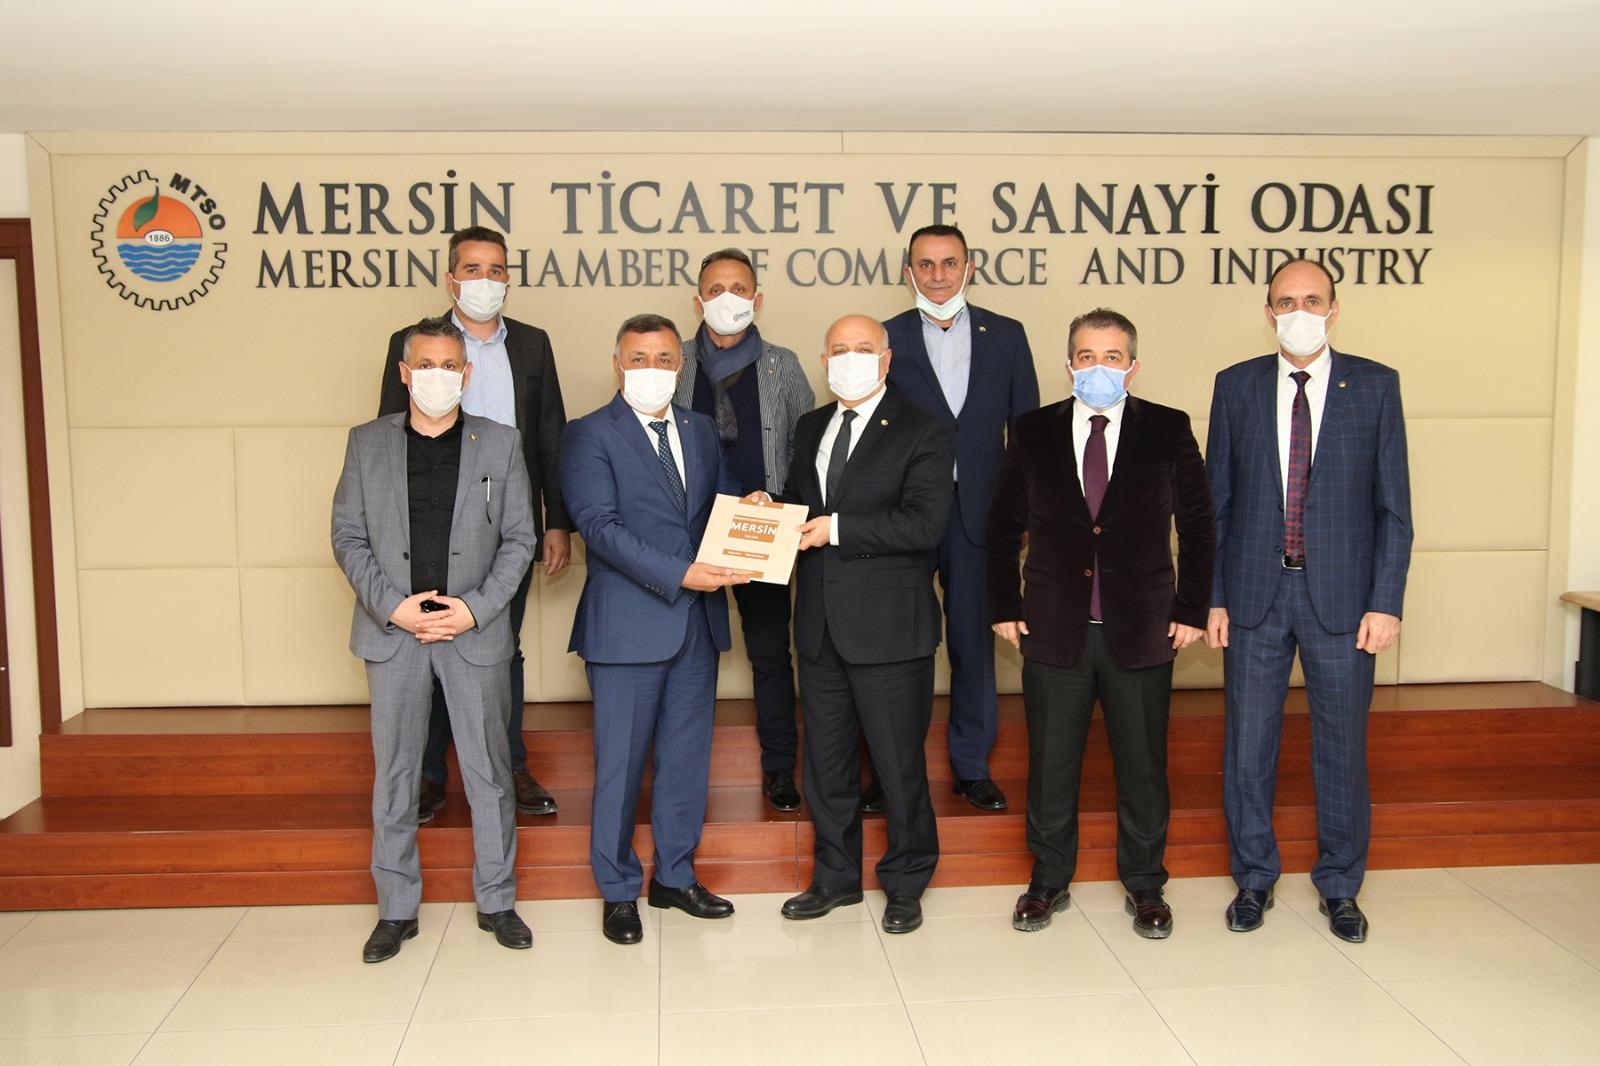 Sakarya Ticaret Borsası Heyeti Mersin Ticaret ve Sanayi Odası'nı ziyaret etti.